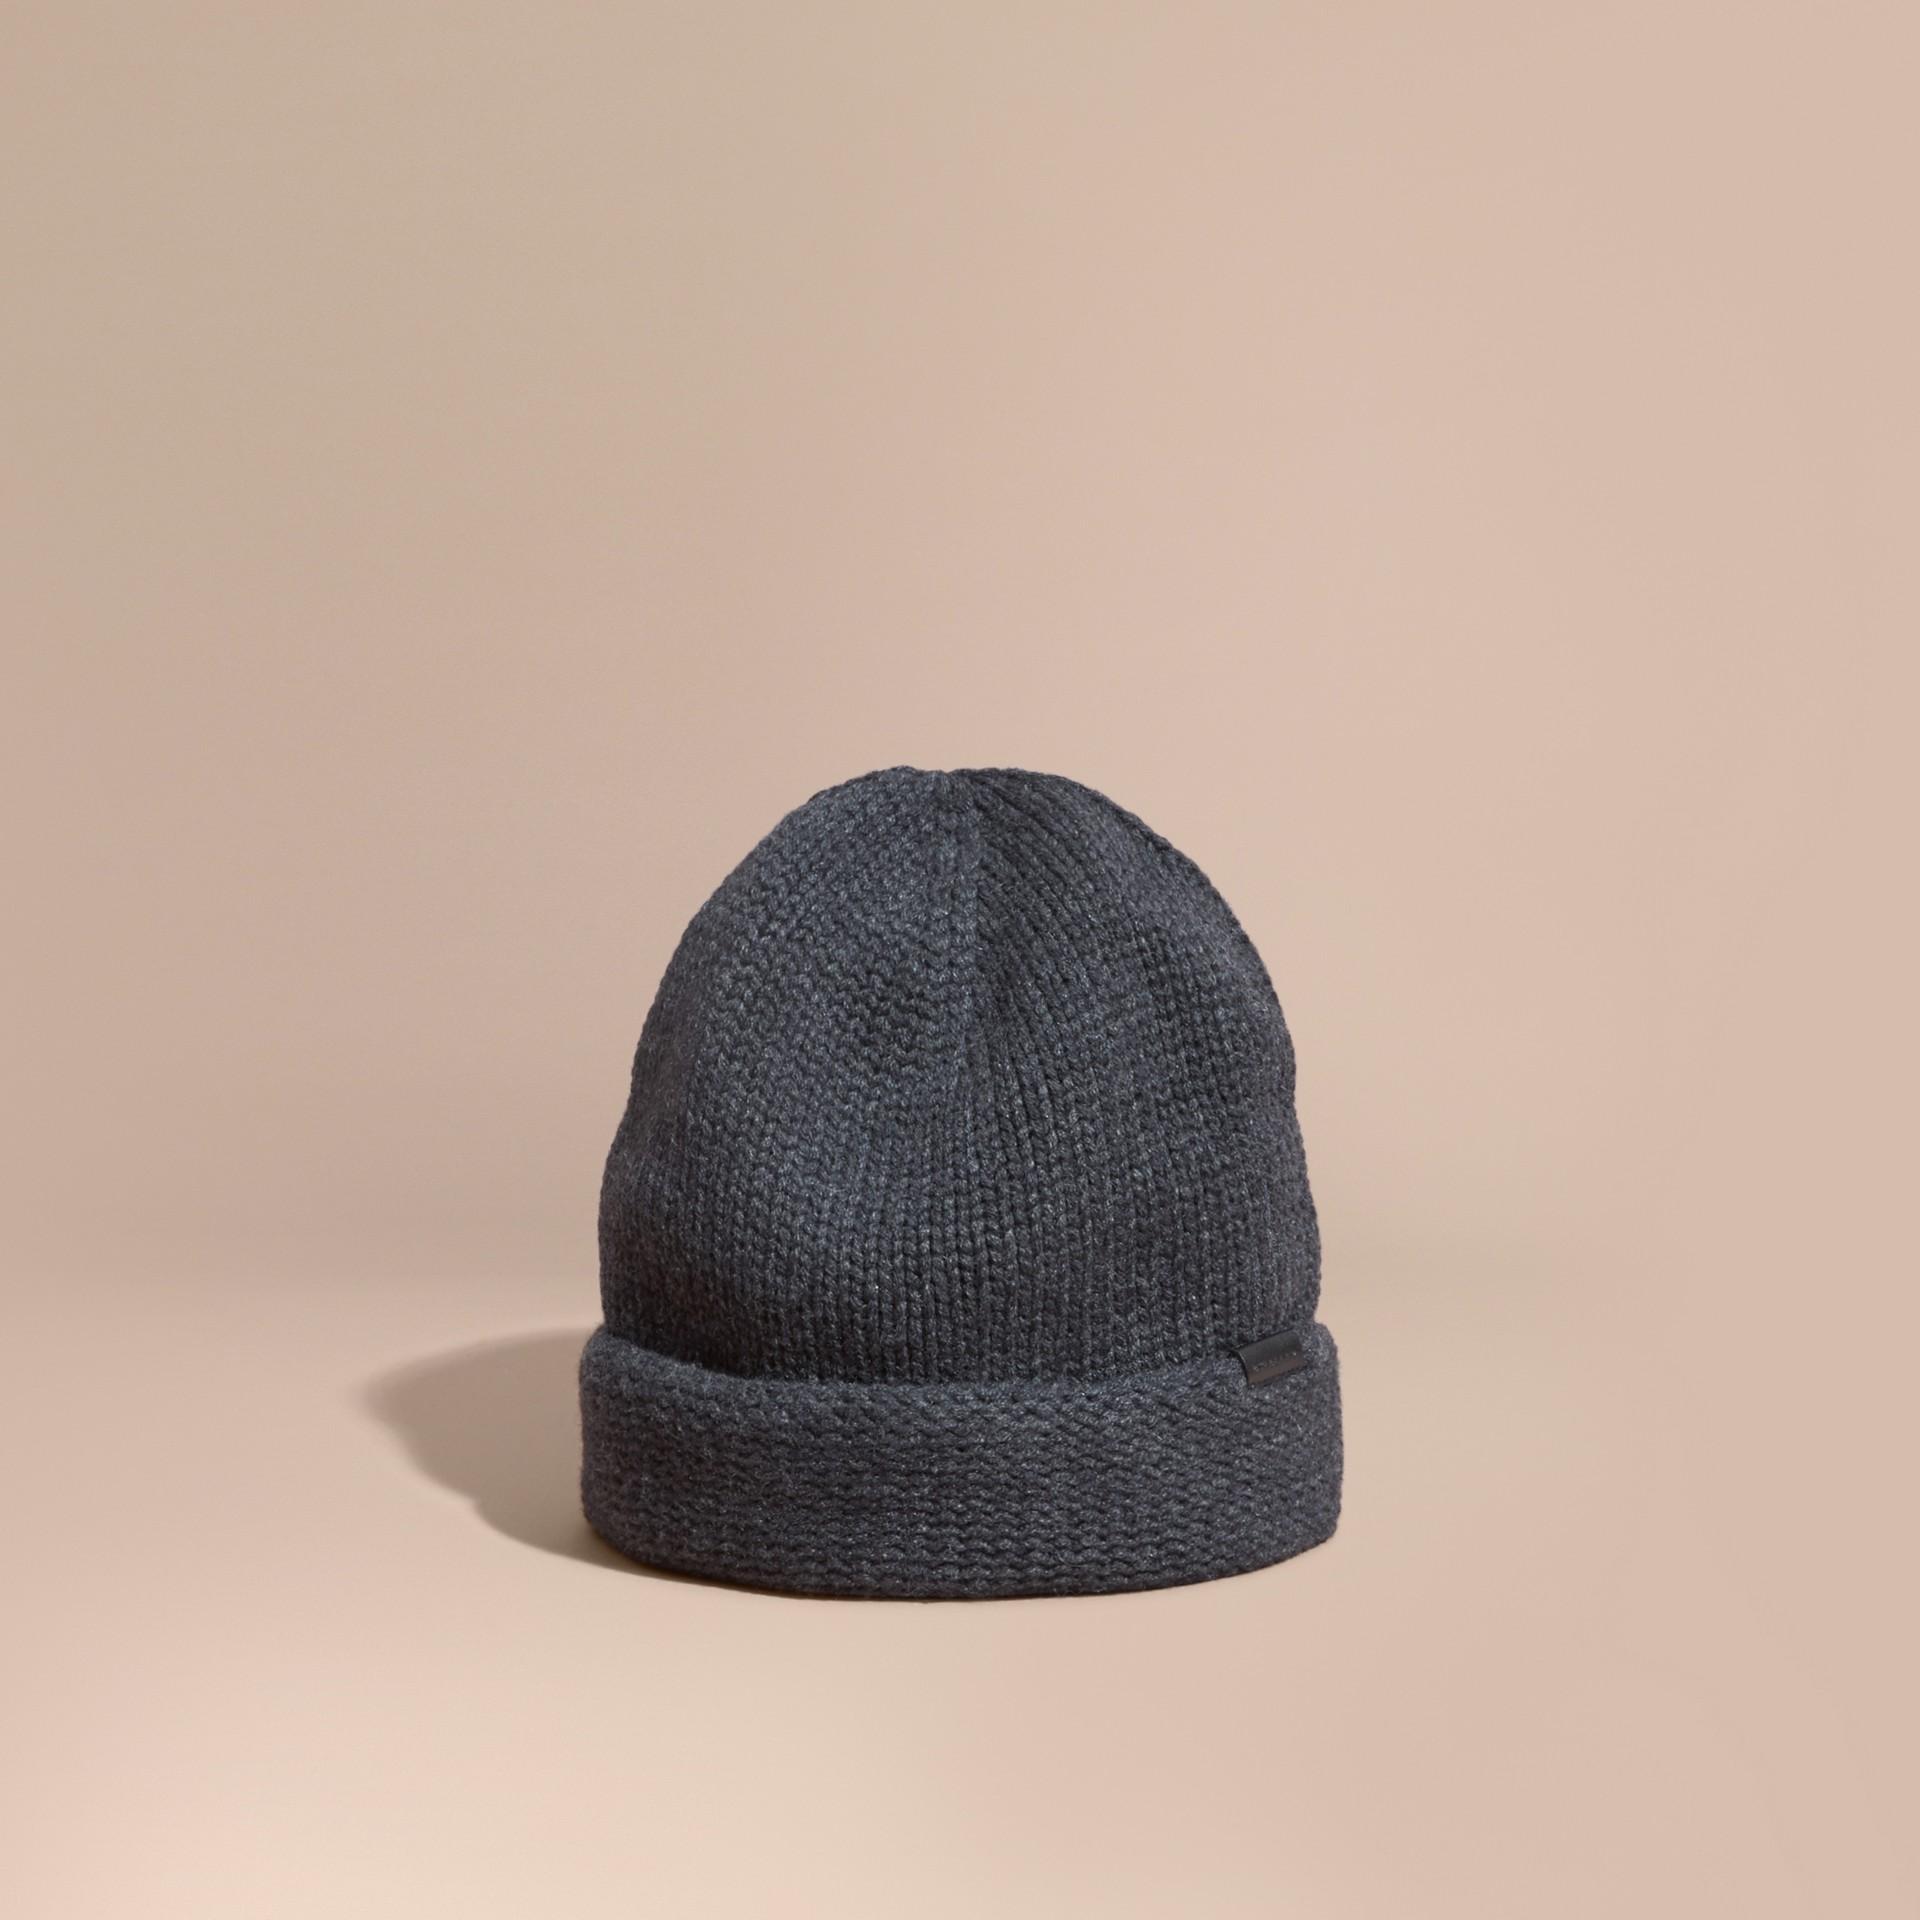 Древесный уголь Вязаная шапка из кашемира - изображение 1